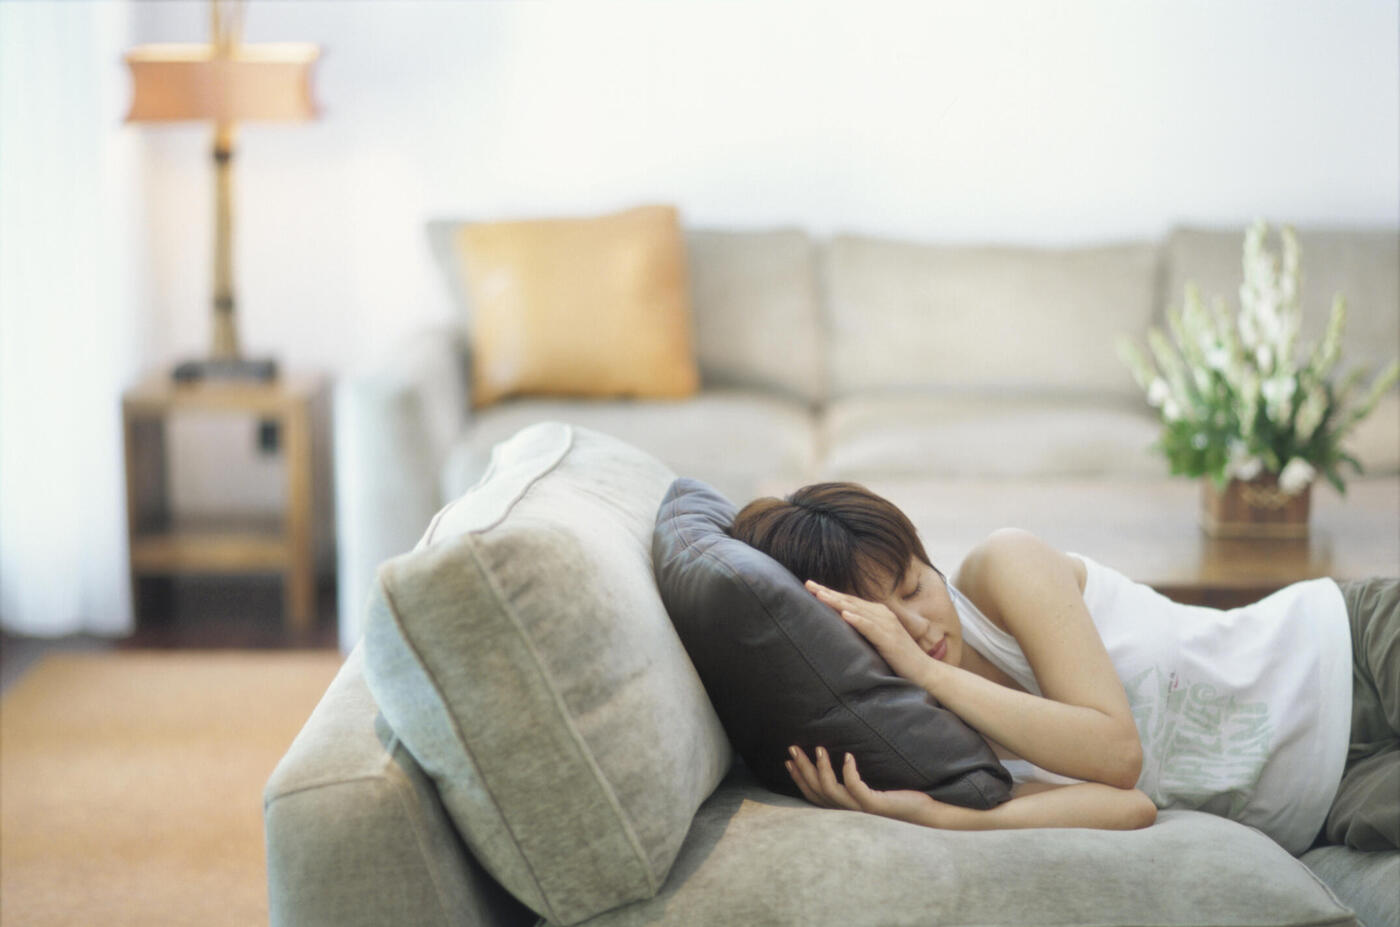 寒暖差による疲労やアレルギーに注意!効果的な予防法3選をご紹介